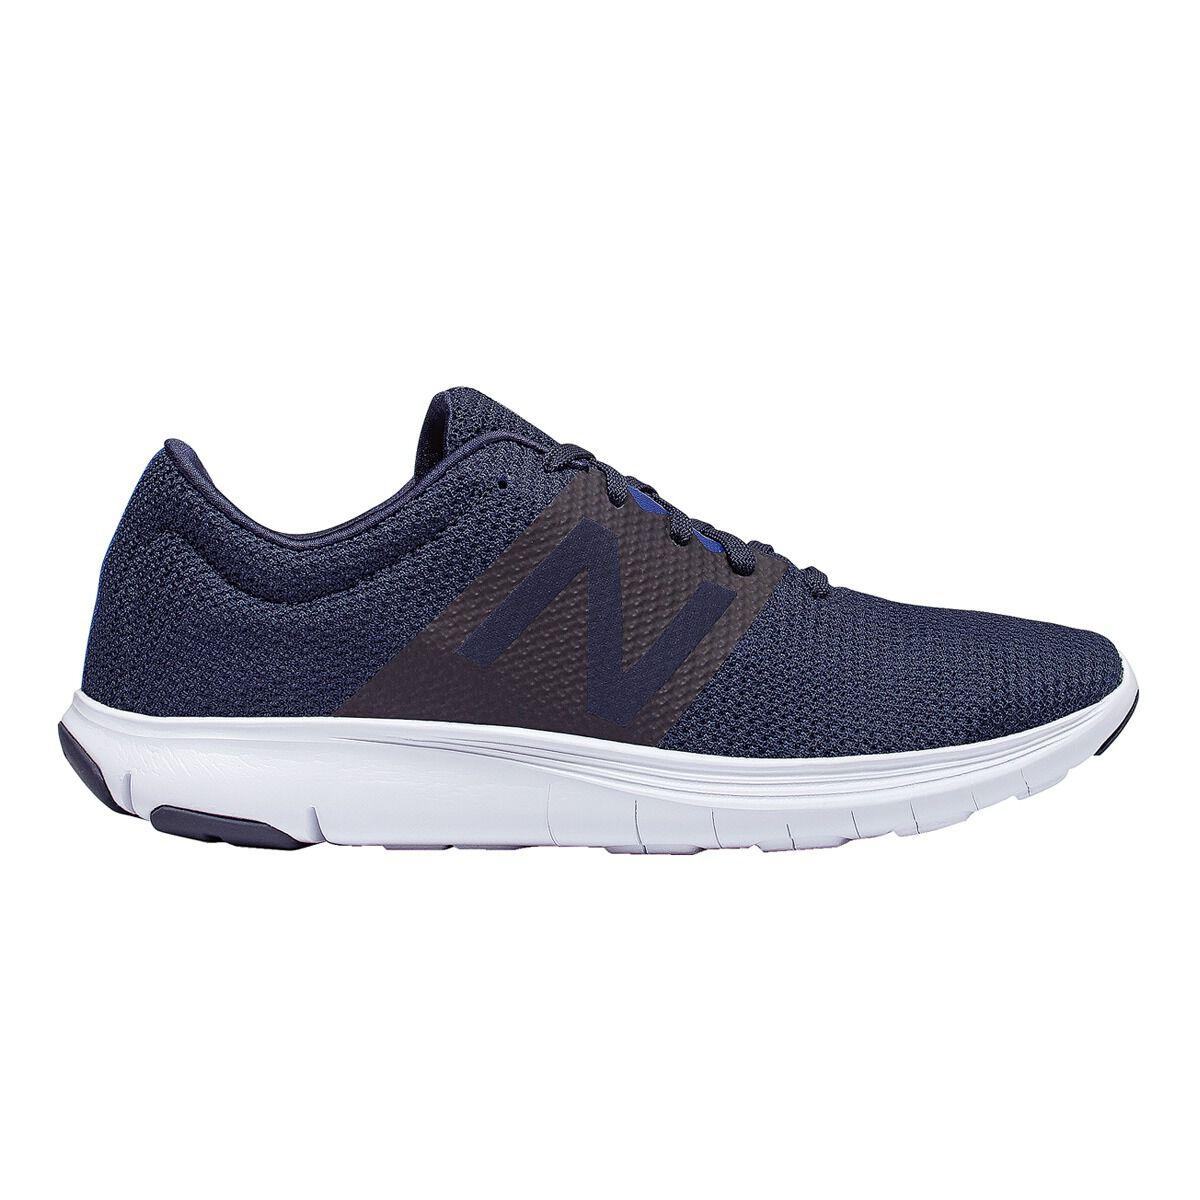 New Balance Koze Mens Running Shoes